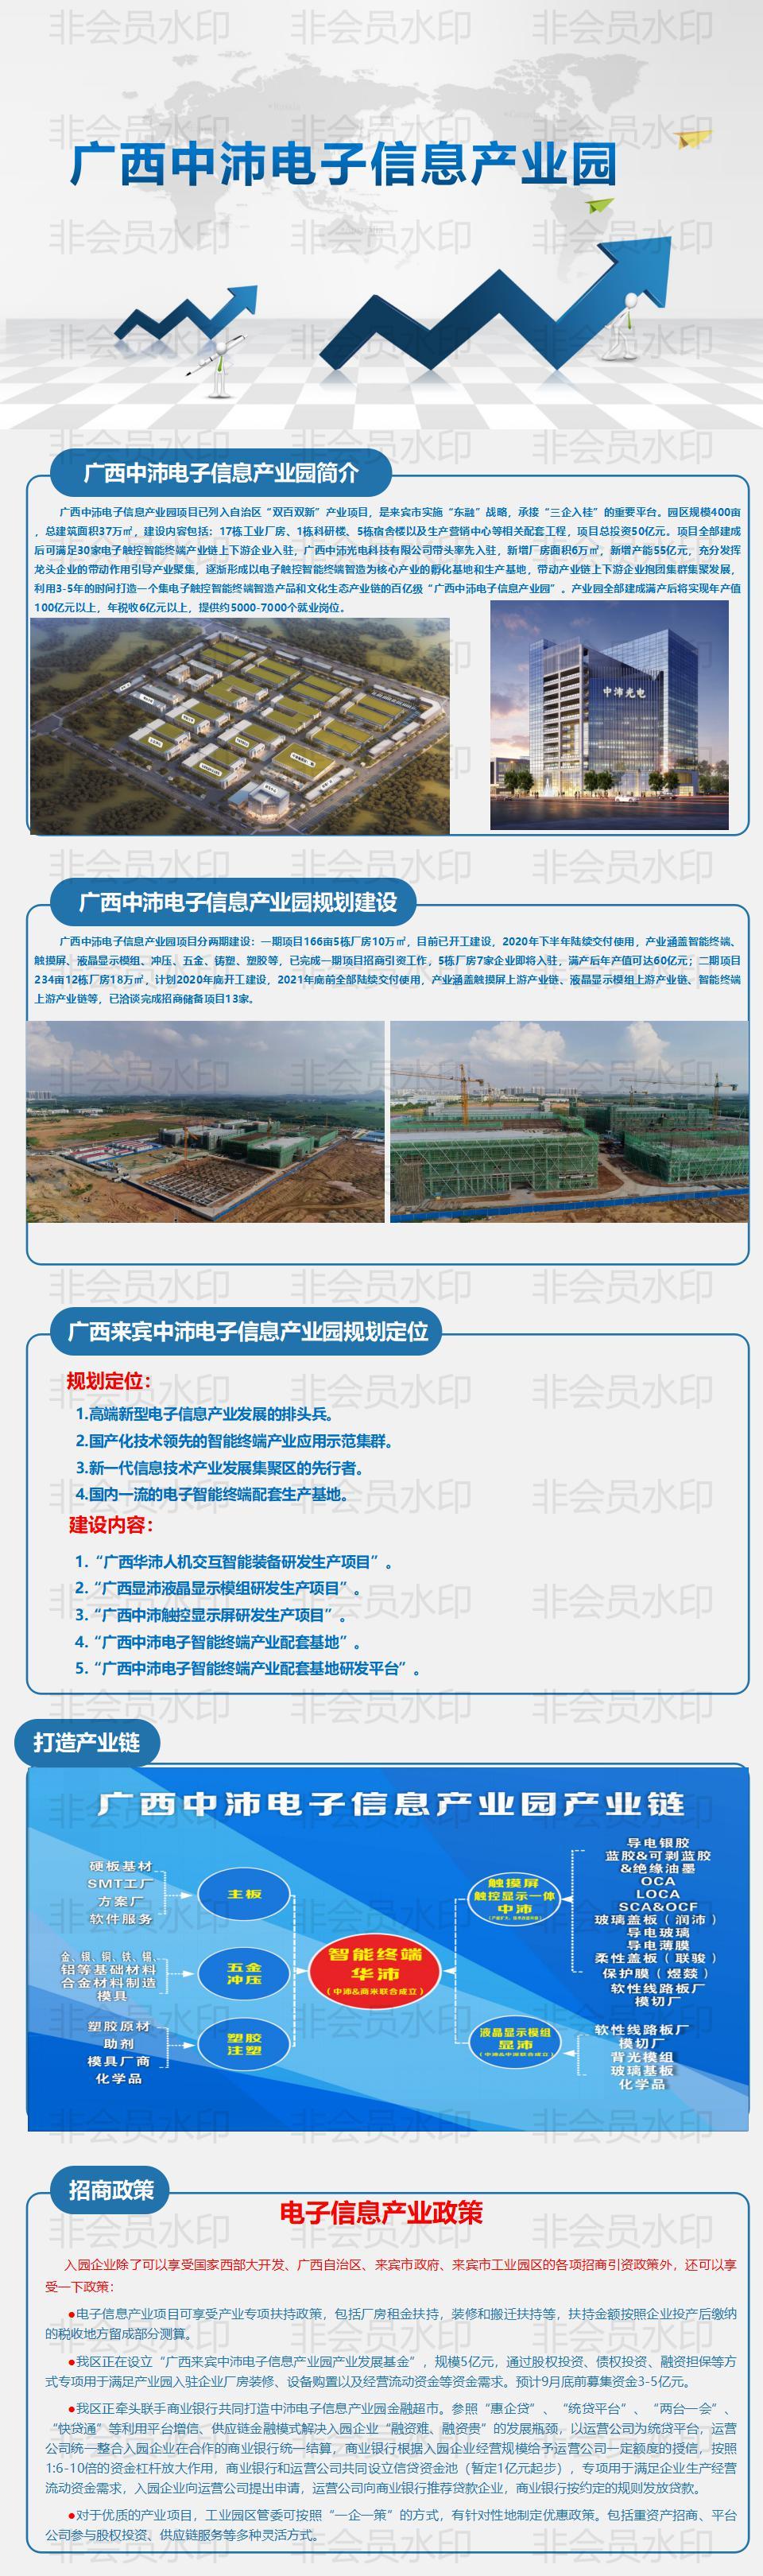 广西中沛电子信息产业园三折纸宣传册2020.7.1.jpg